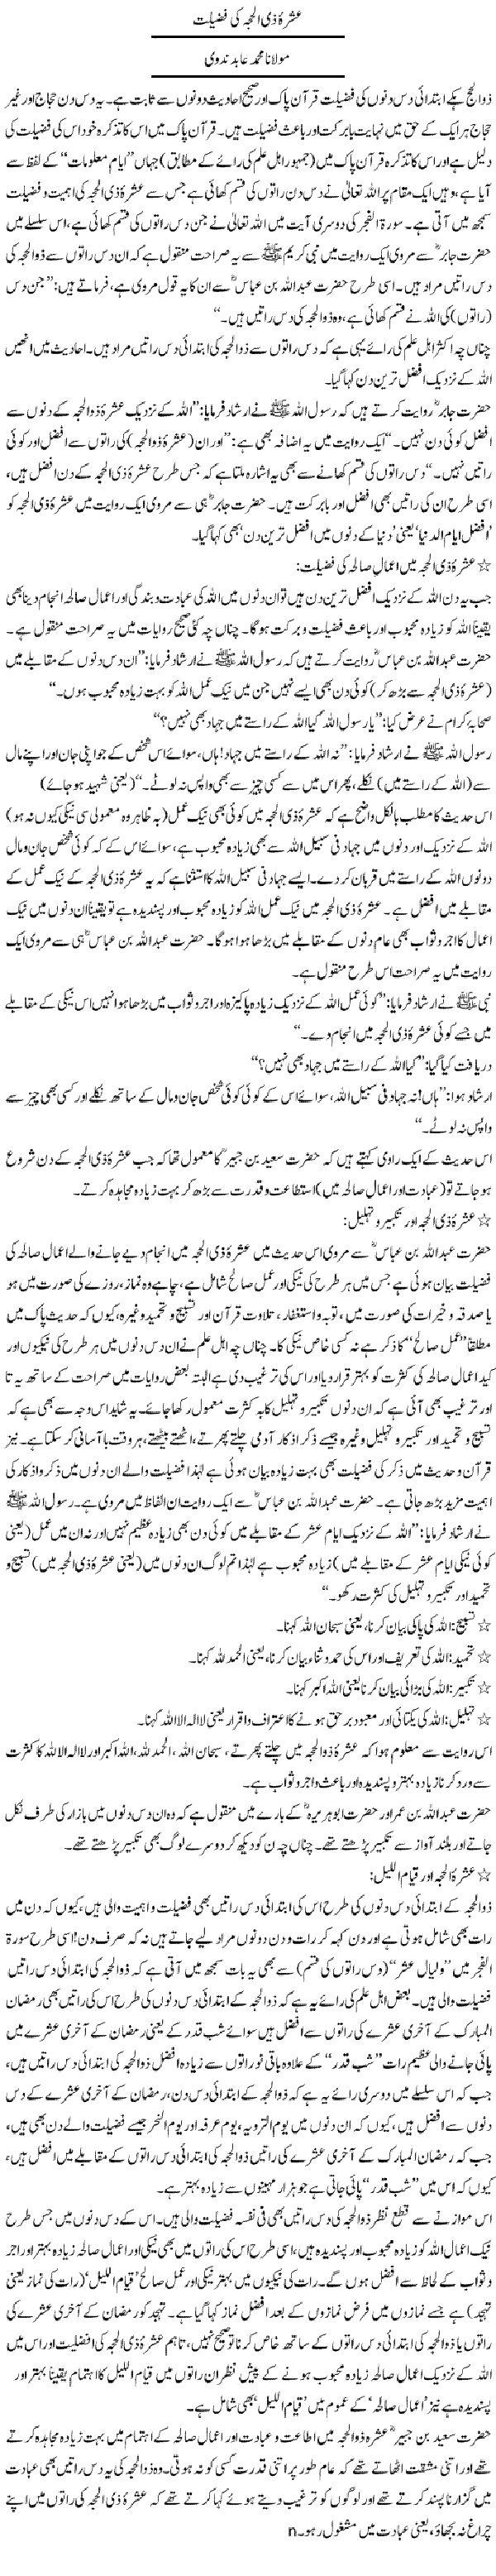 khutbah Hajjatul Wida in Urdu